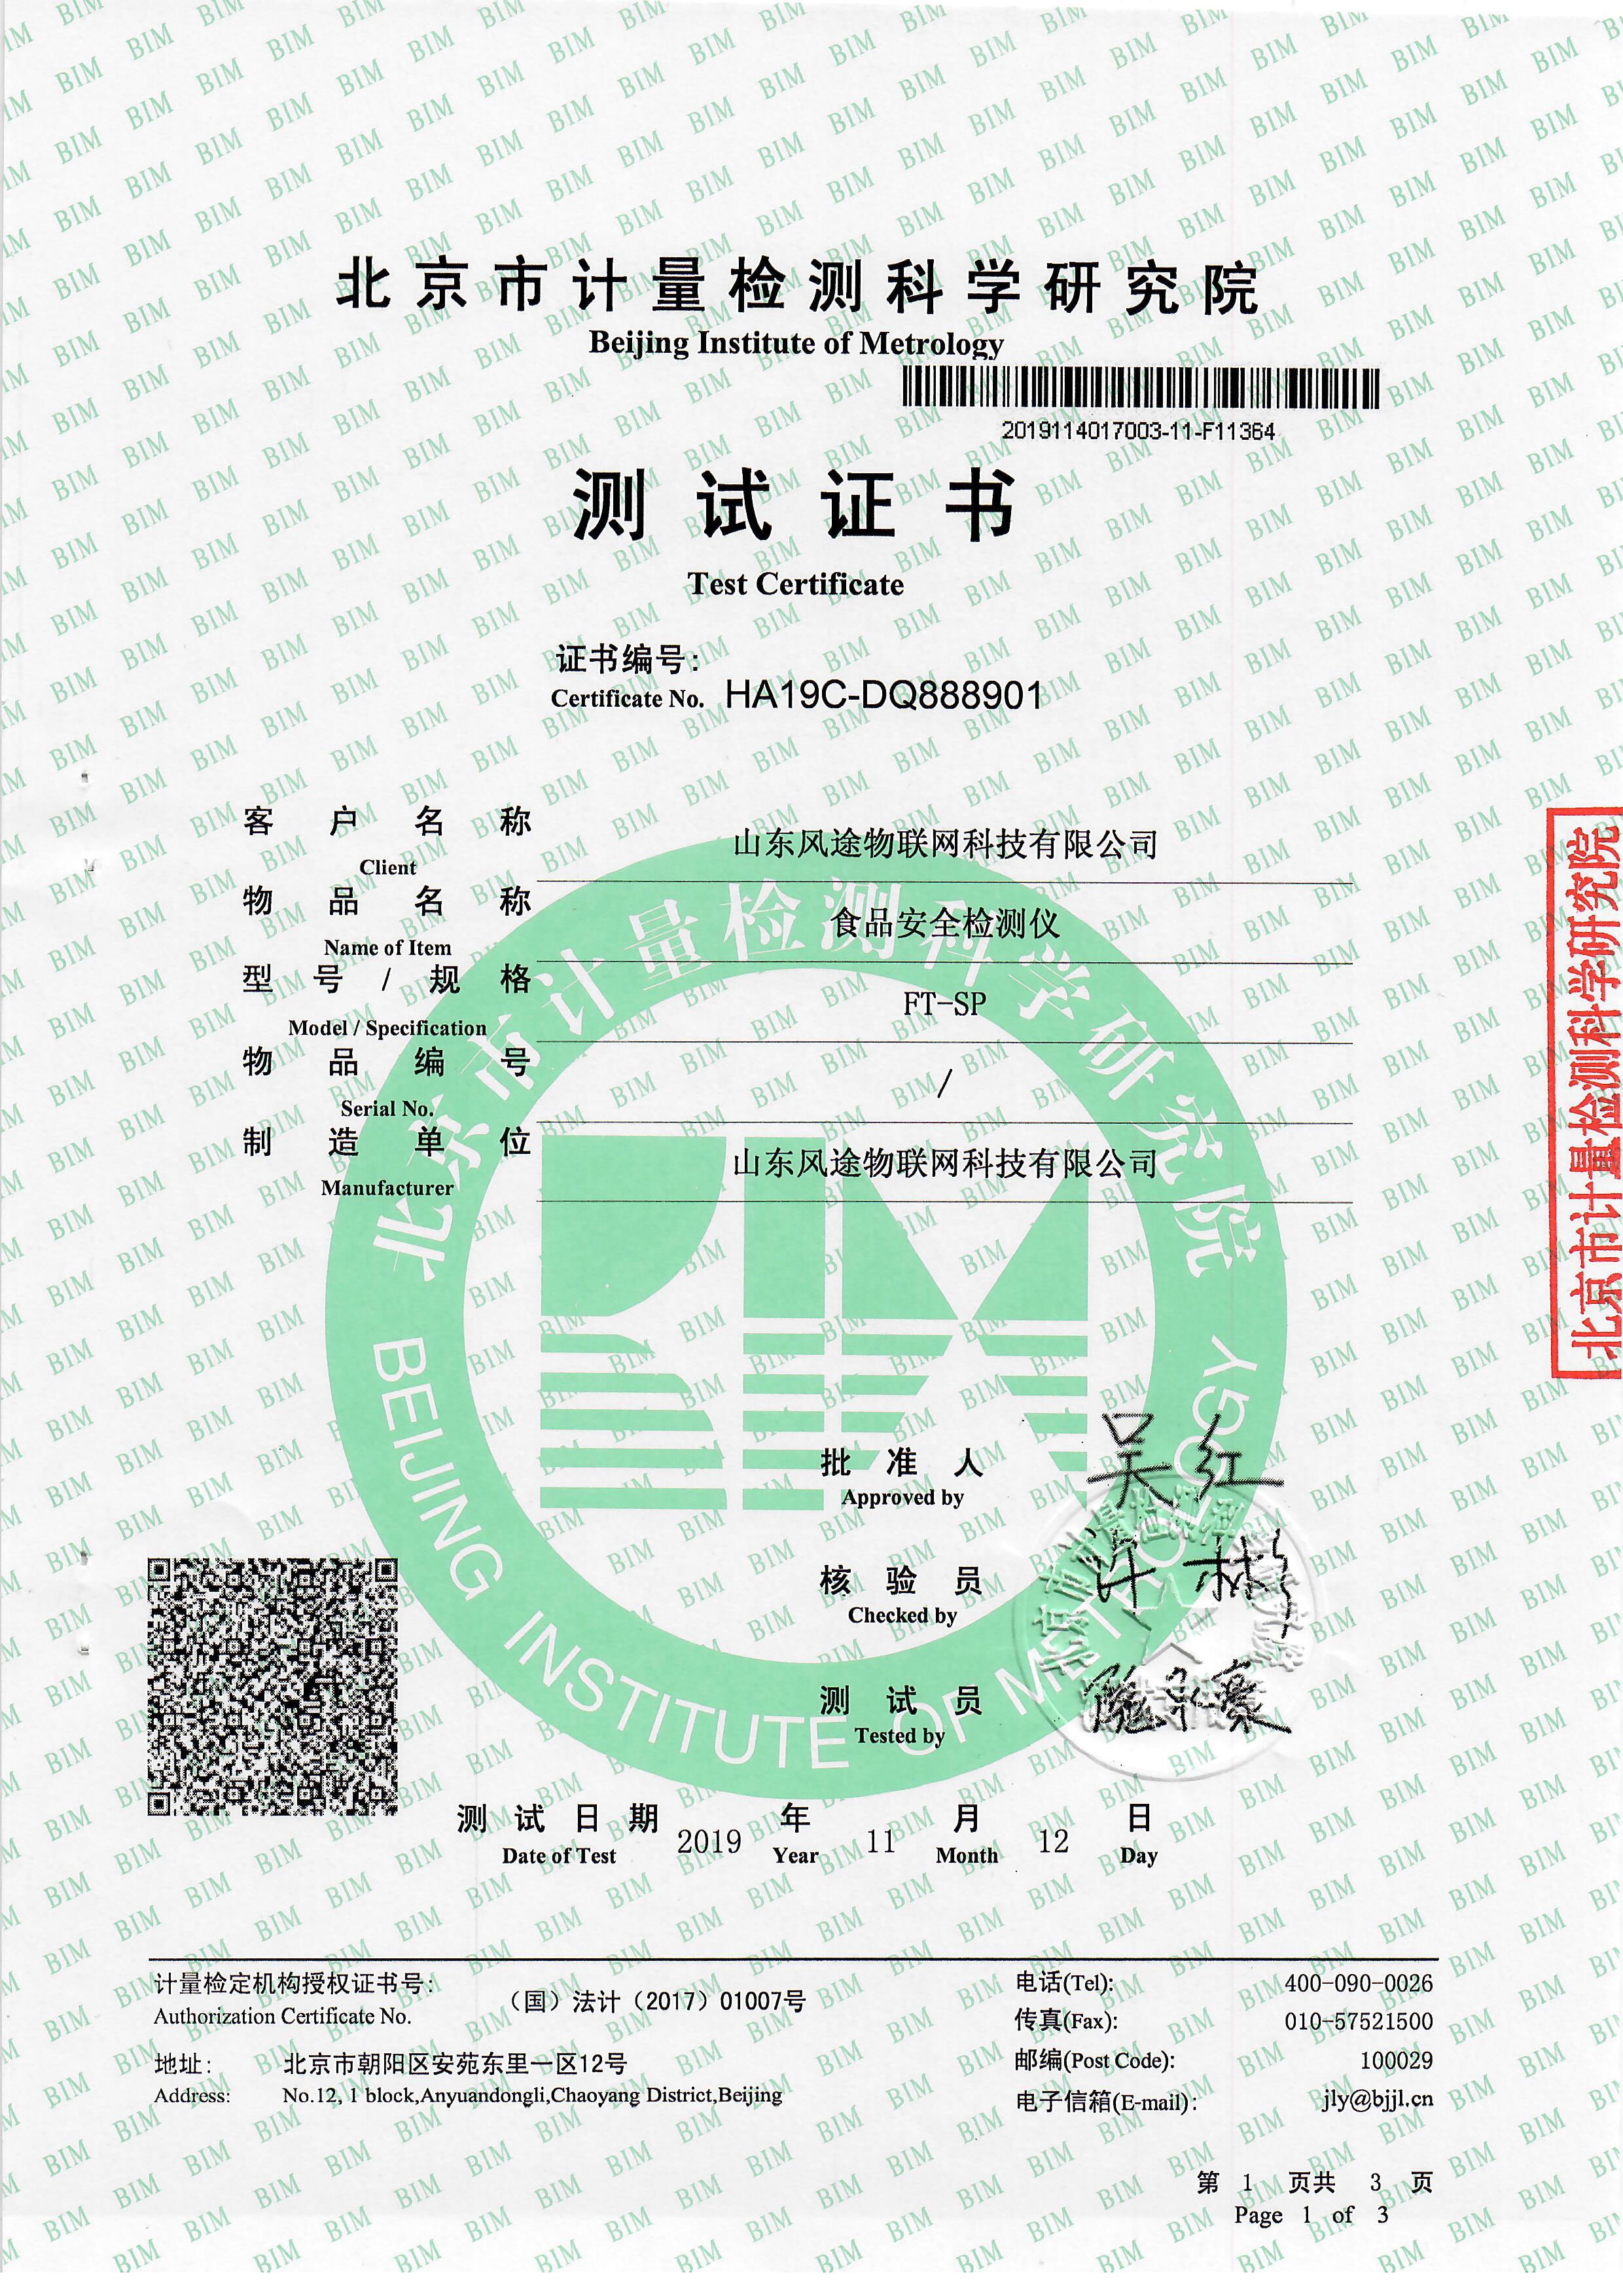 食品检测仪器证书